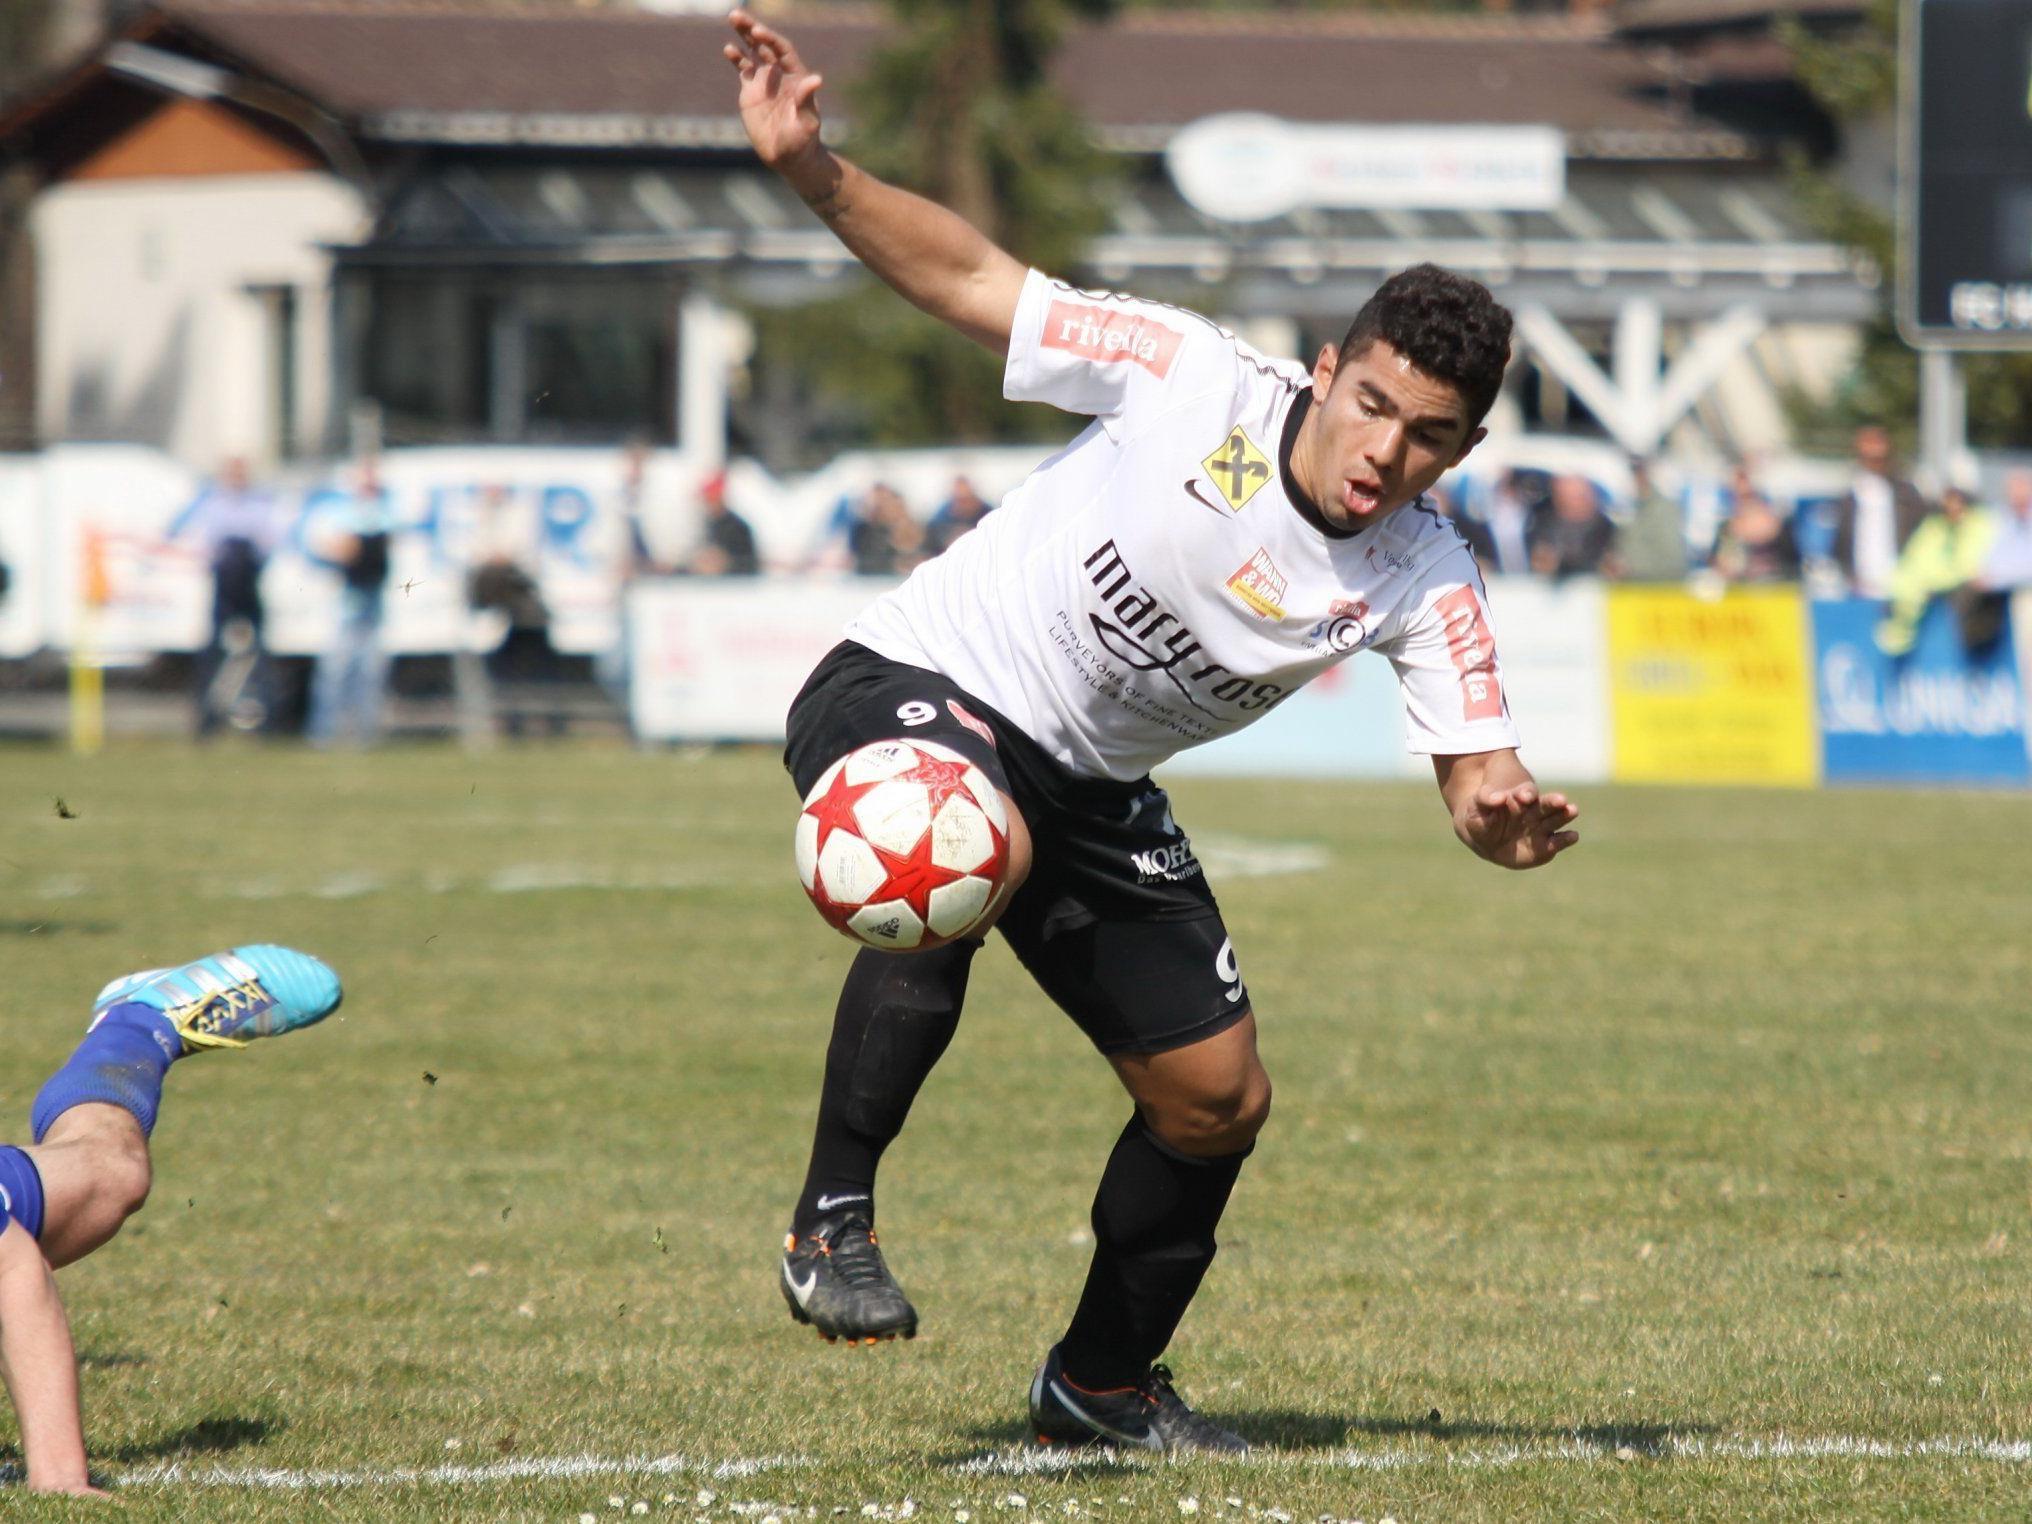 Neuer Torjäger bei Rivella SC Bregenz: Vinicius Gomes Maciel.